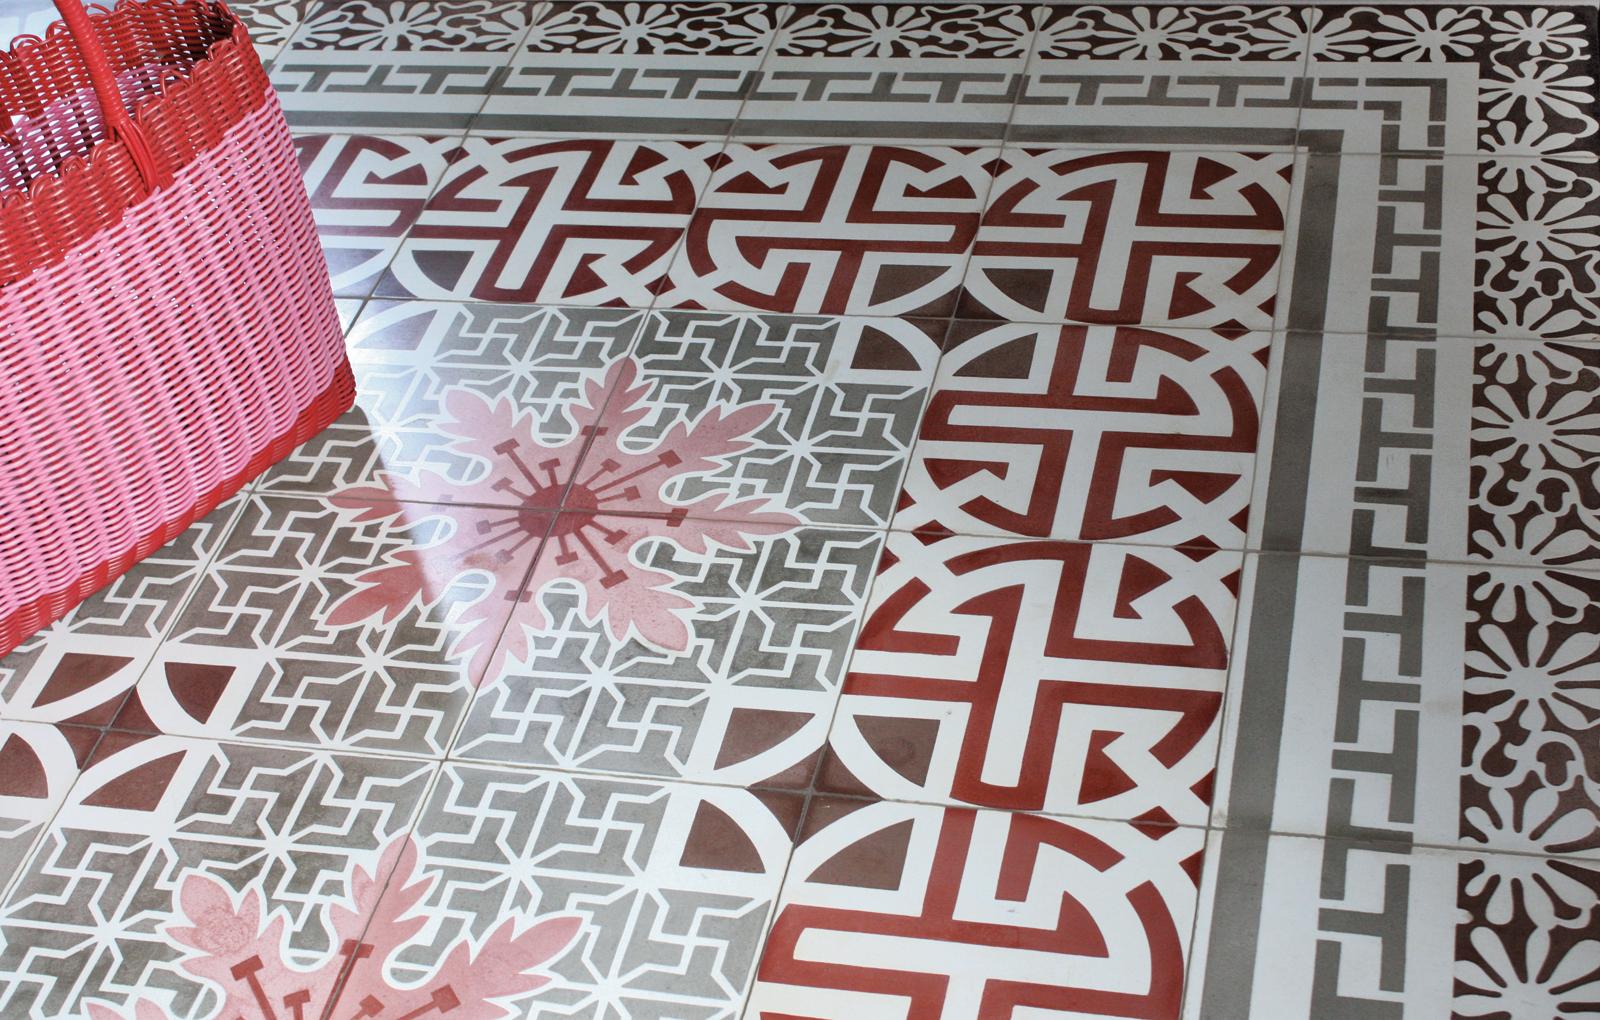 Zementmosaikplatten_nr.51072-flur-viaplatten | 51072